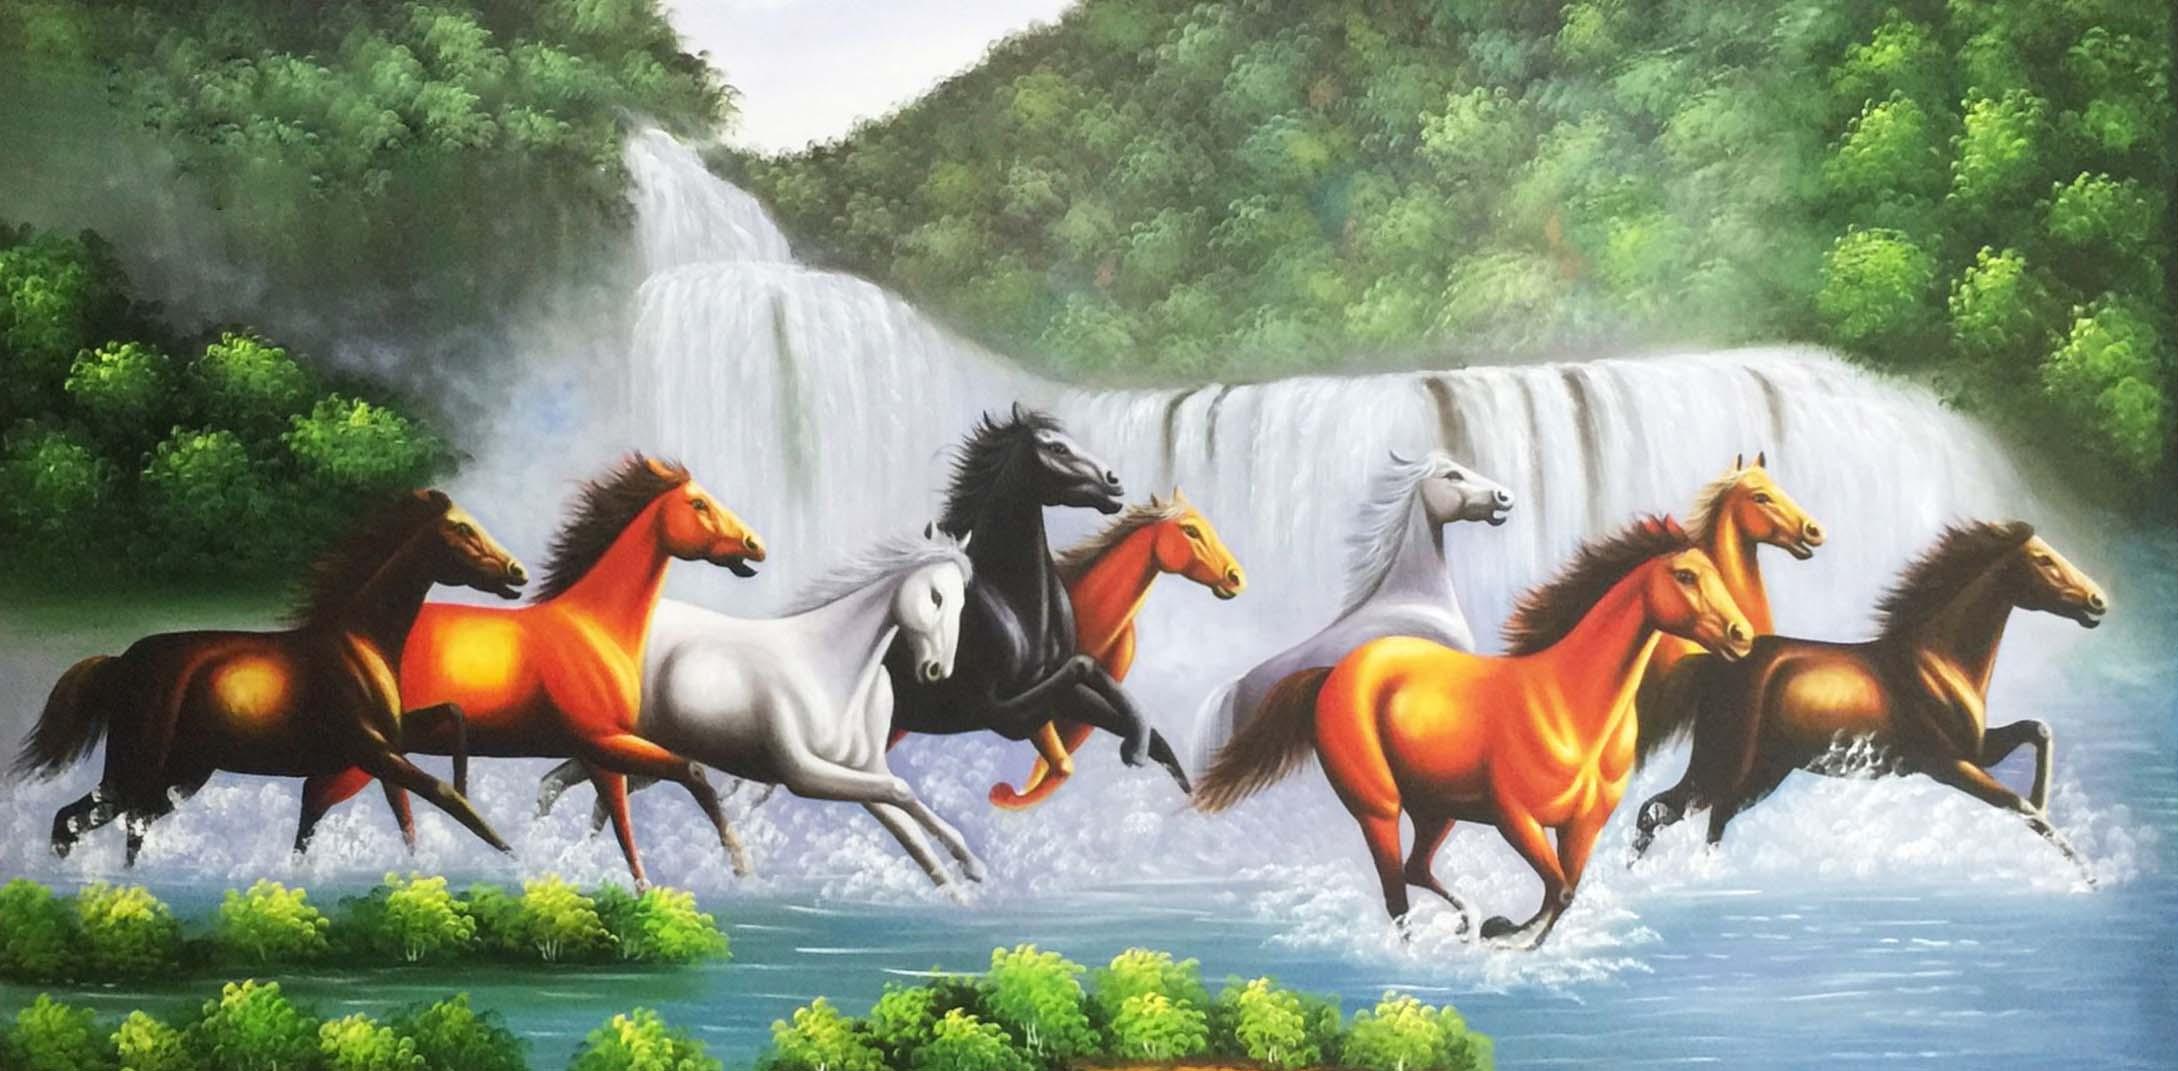 Tranh phong thủy ngựa mã đáo thành công hợp cho người mệnh thổ